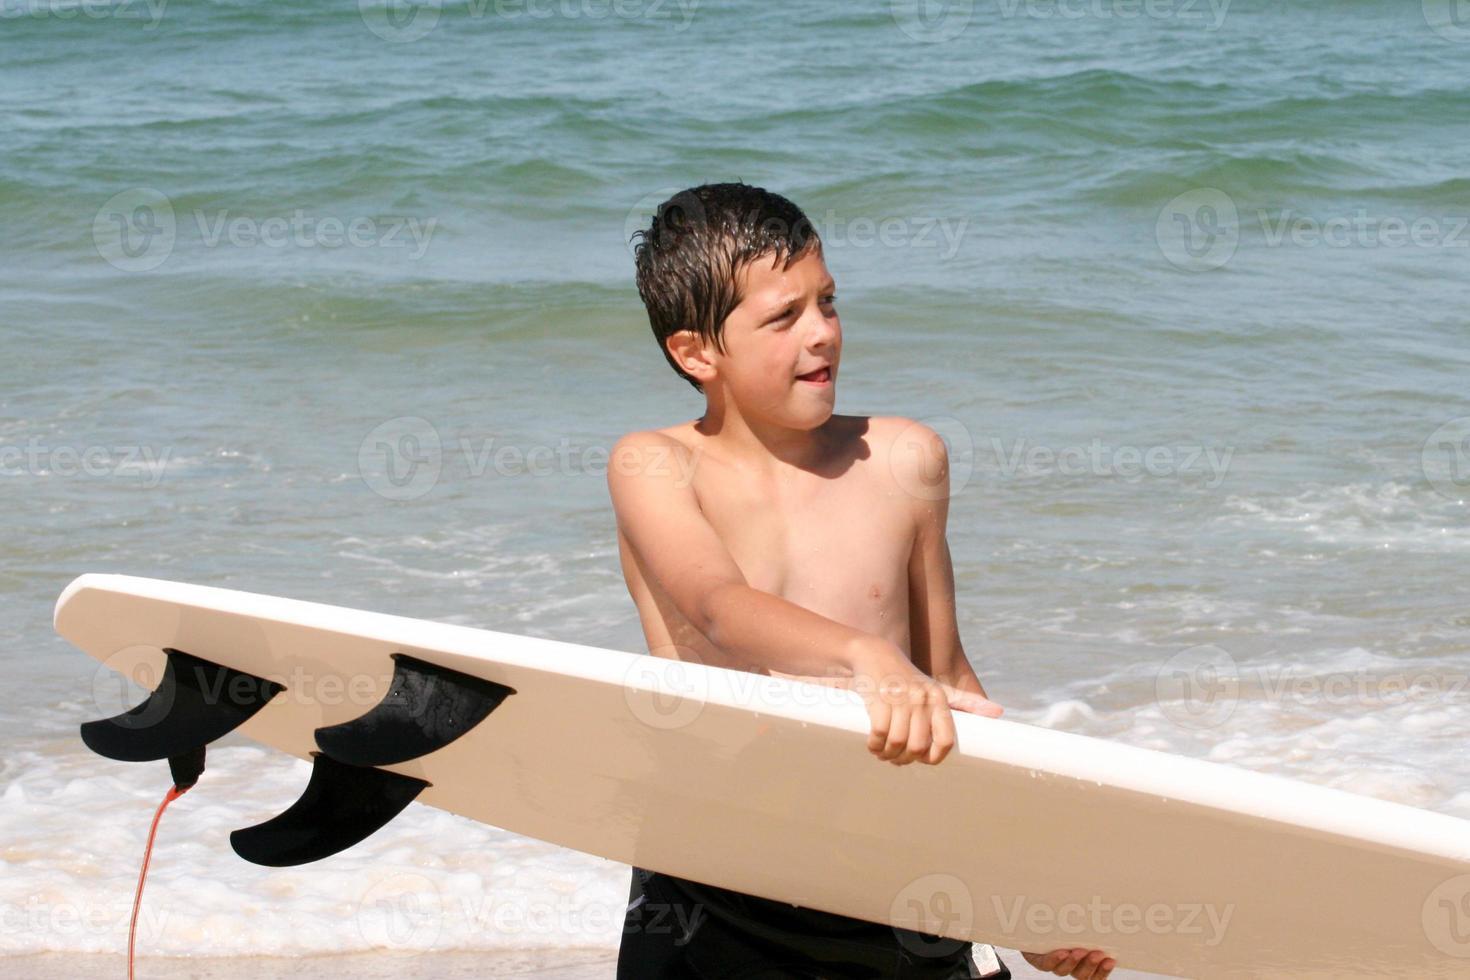 ragazzo surfista foto